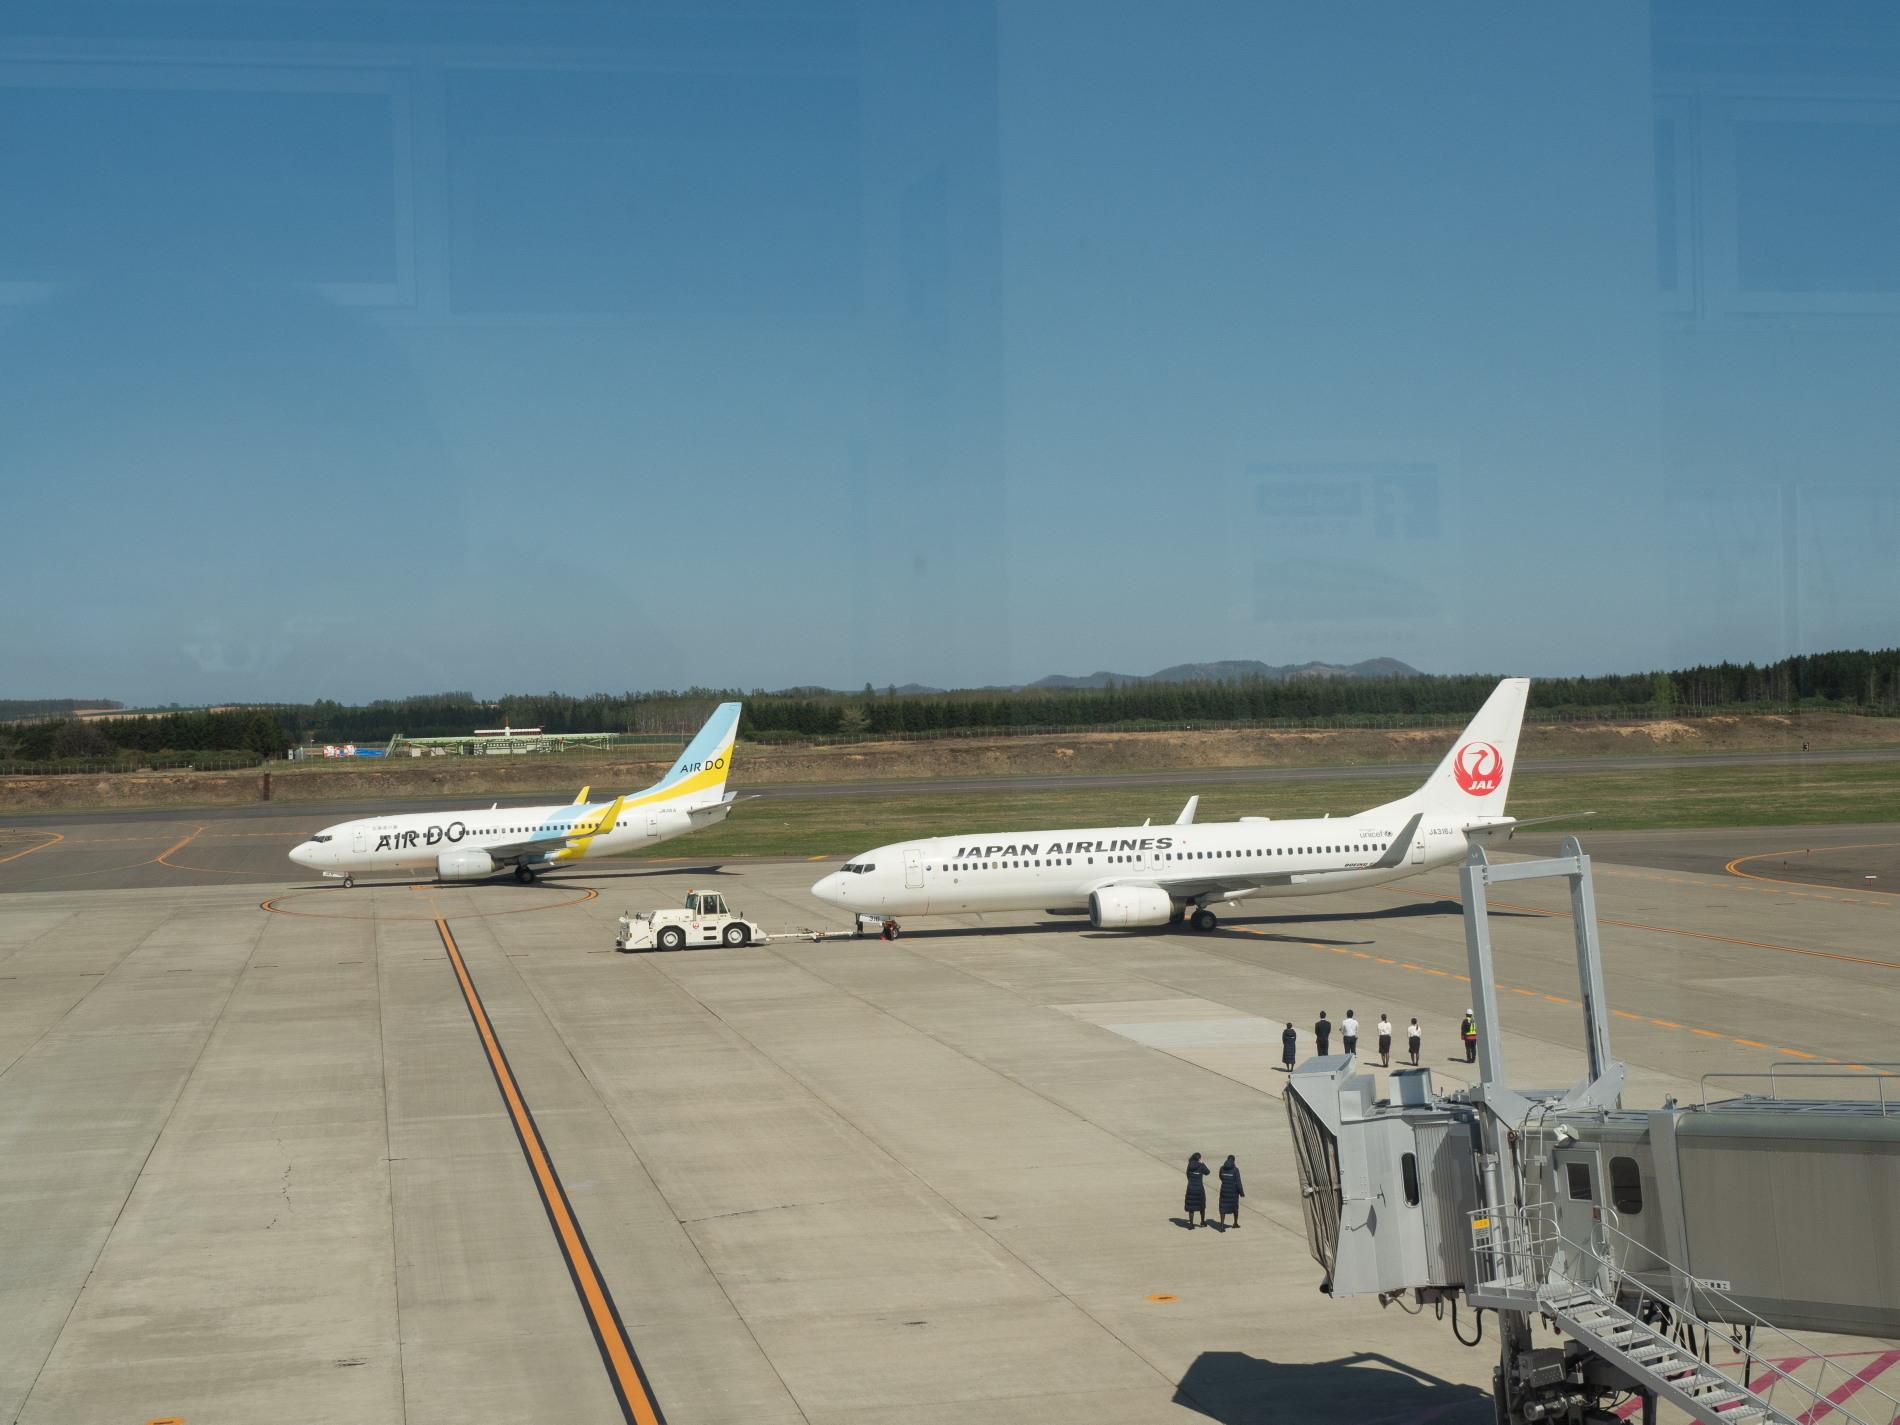 「とかち帯広空港」現在1日4便、飛行機の離発着を見学!_f0276498_23364189.jpg